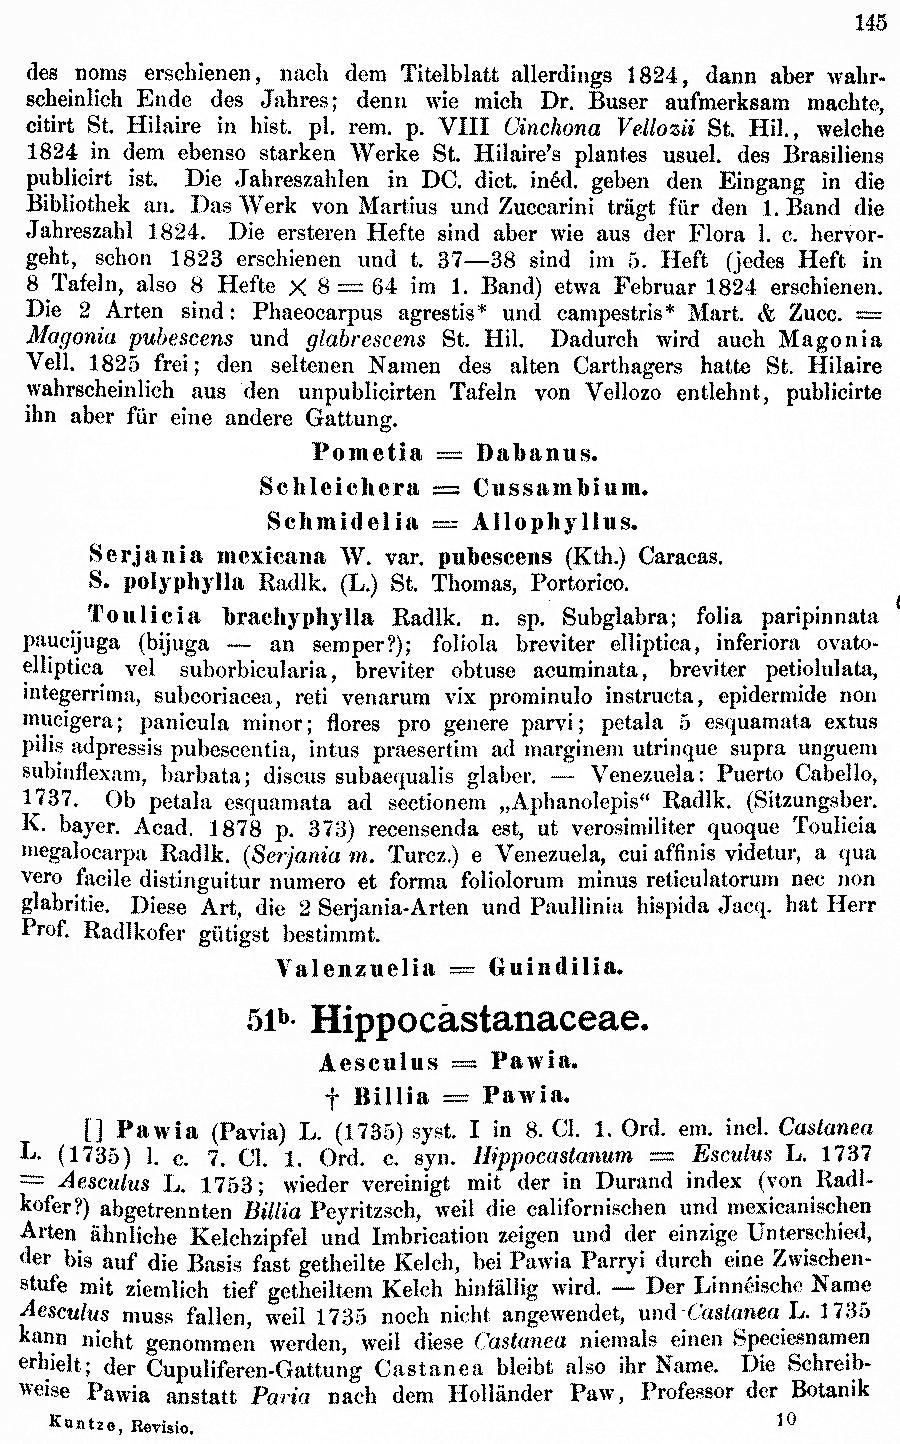 https://forum.plantarium.ru/misc.php?action=pun_attachment&item=30289